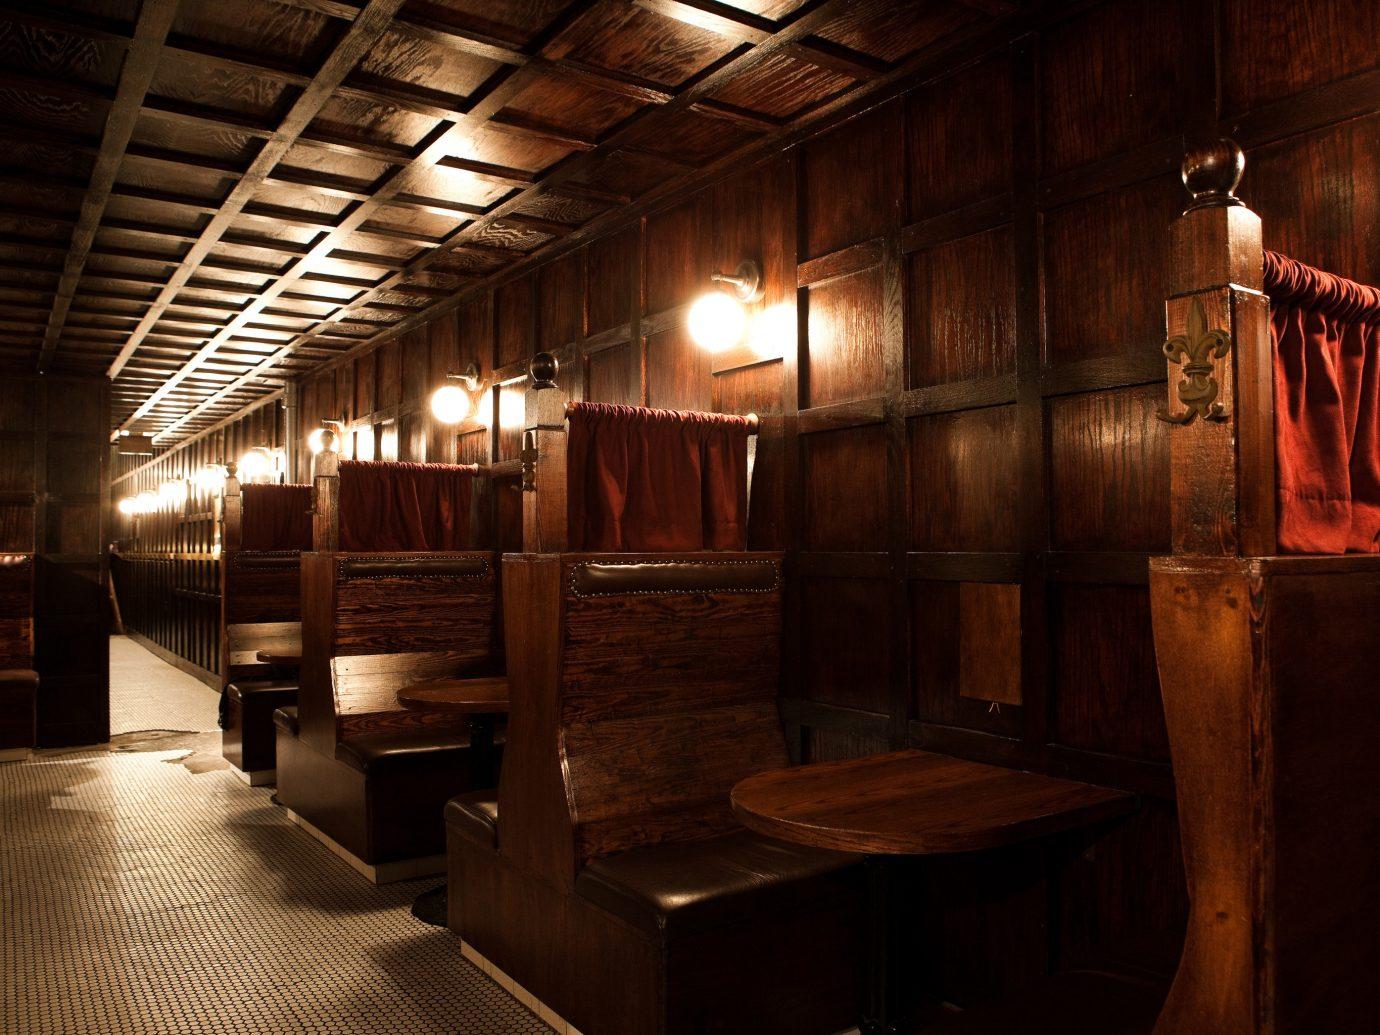 Food + Drink indoor ceiling room interior design wood darkness basement